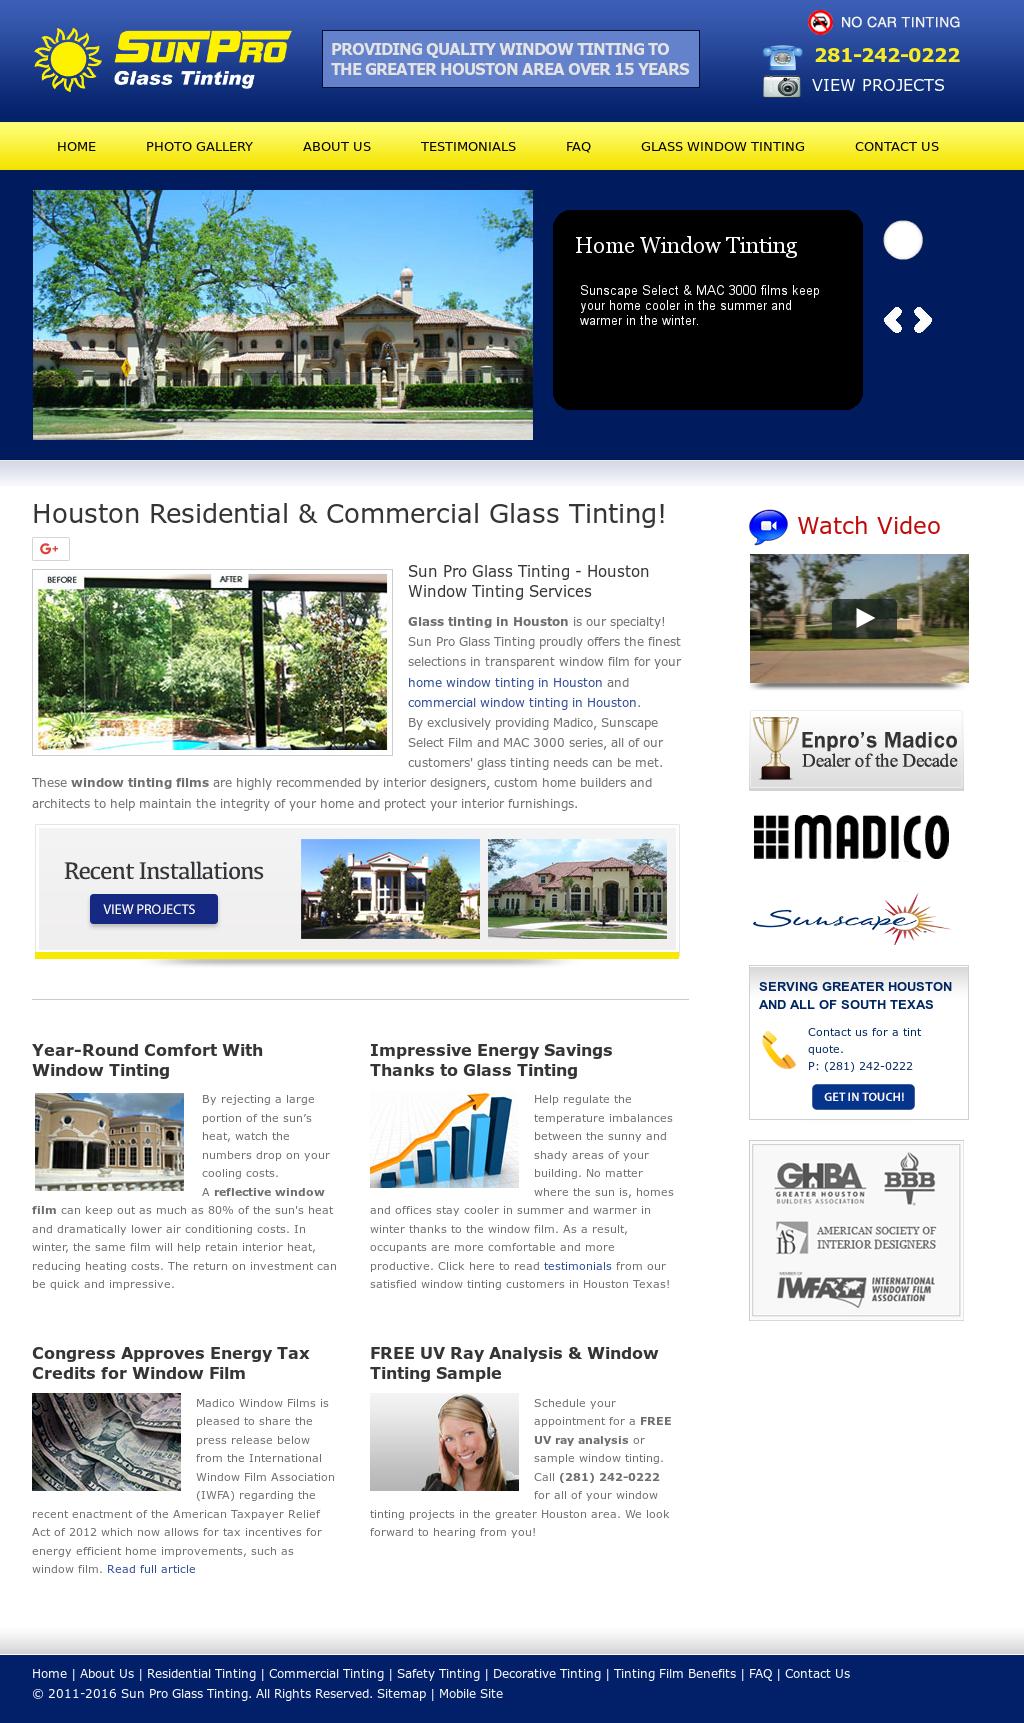 Sun Pro Gl Tinting Houston Window Tint Website History